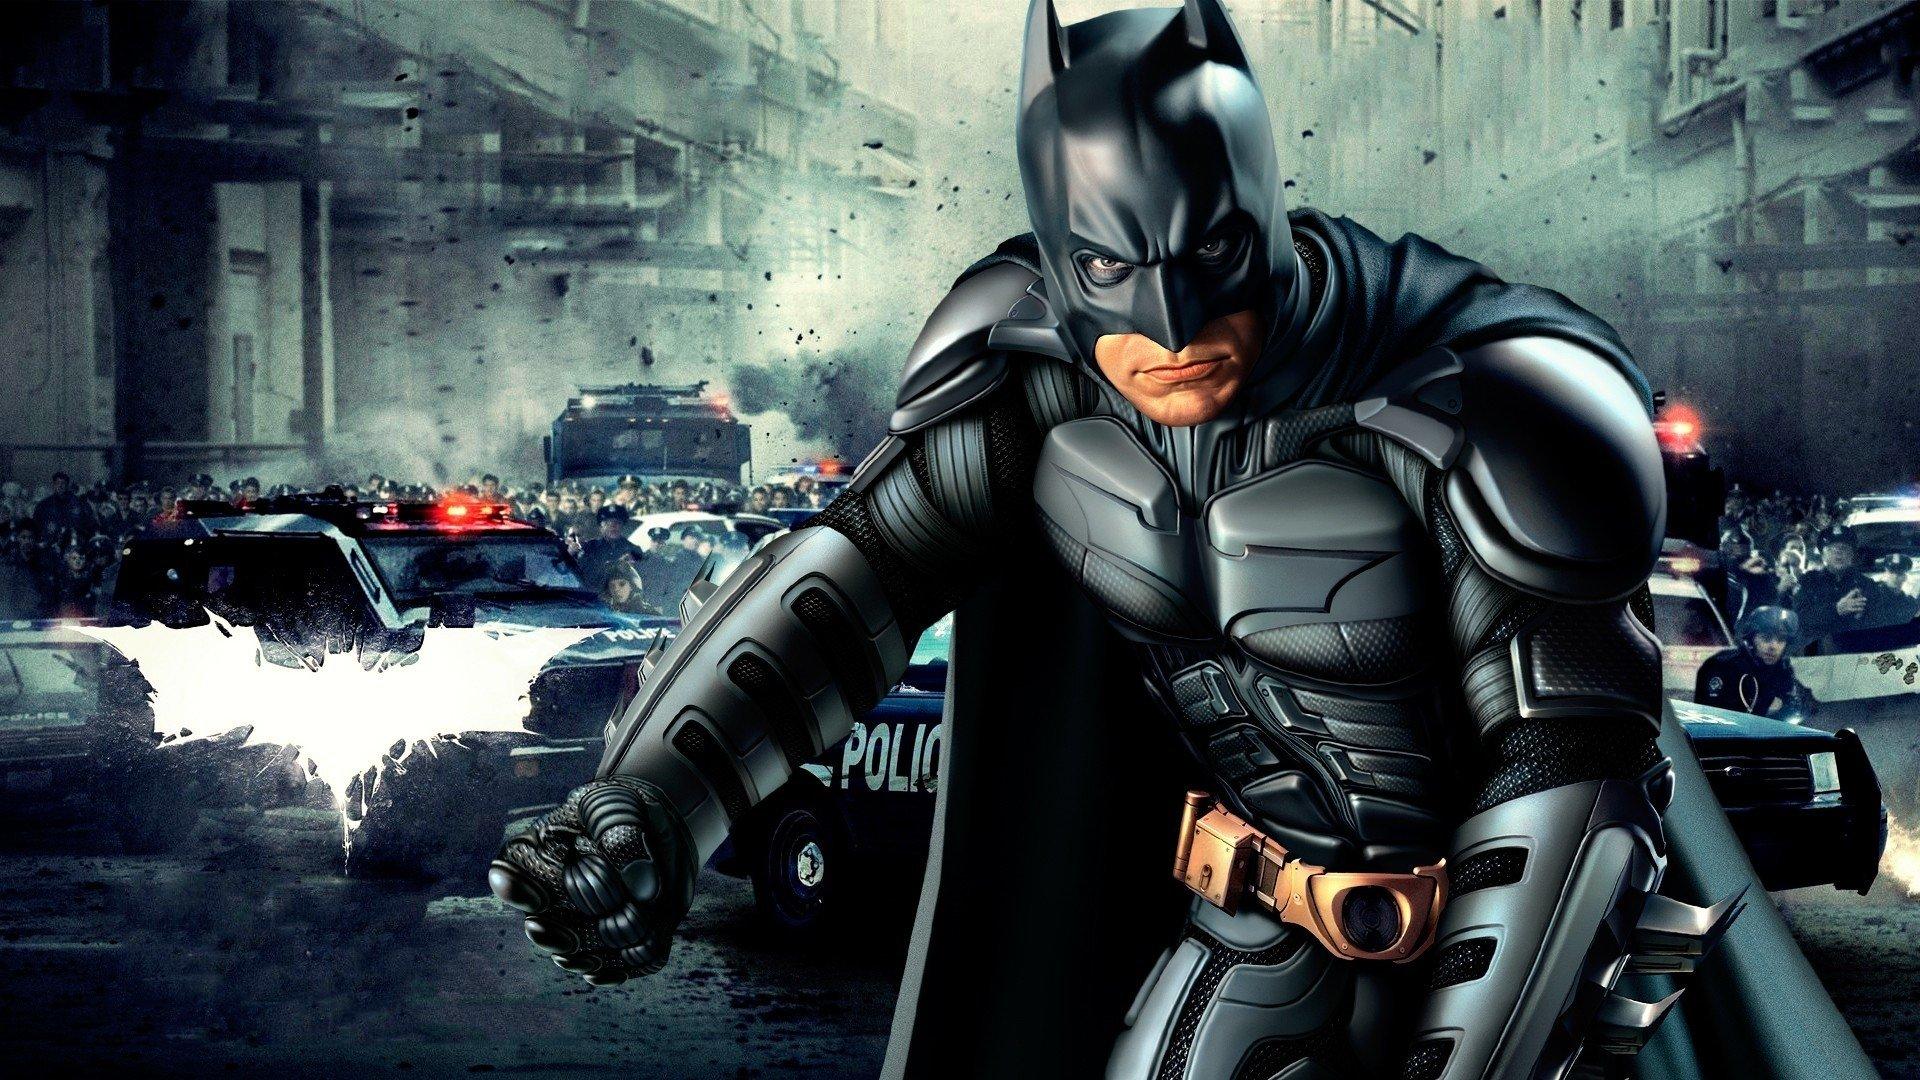 Batman full hd fondo de pantalla and fondo de escritorio for Fondo de pantalla joker hd